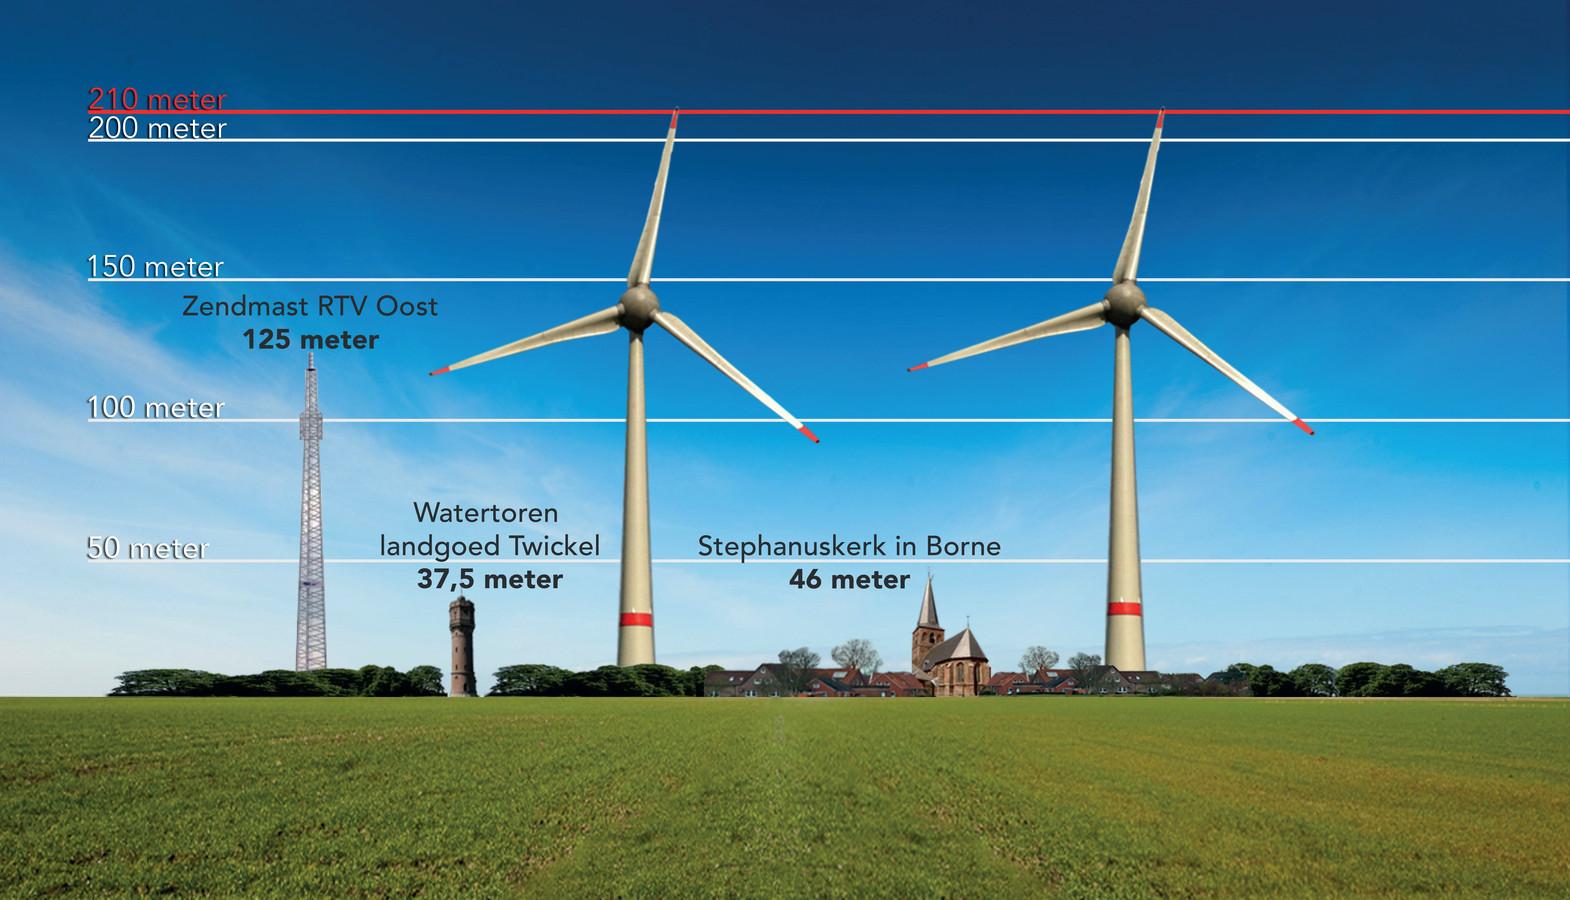 Een visualisatie van de windmolens bij Borne van stichting De Twickelrand.